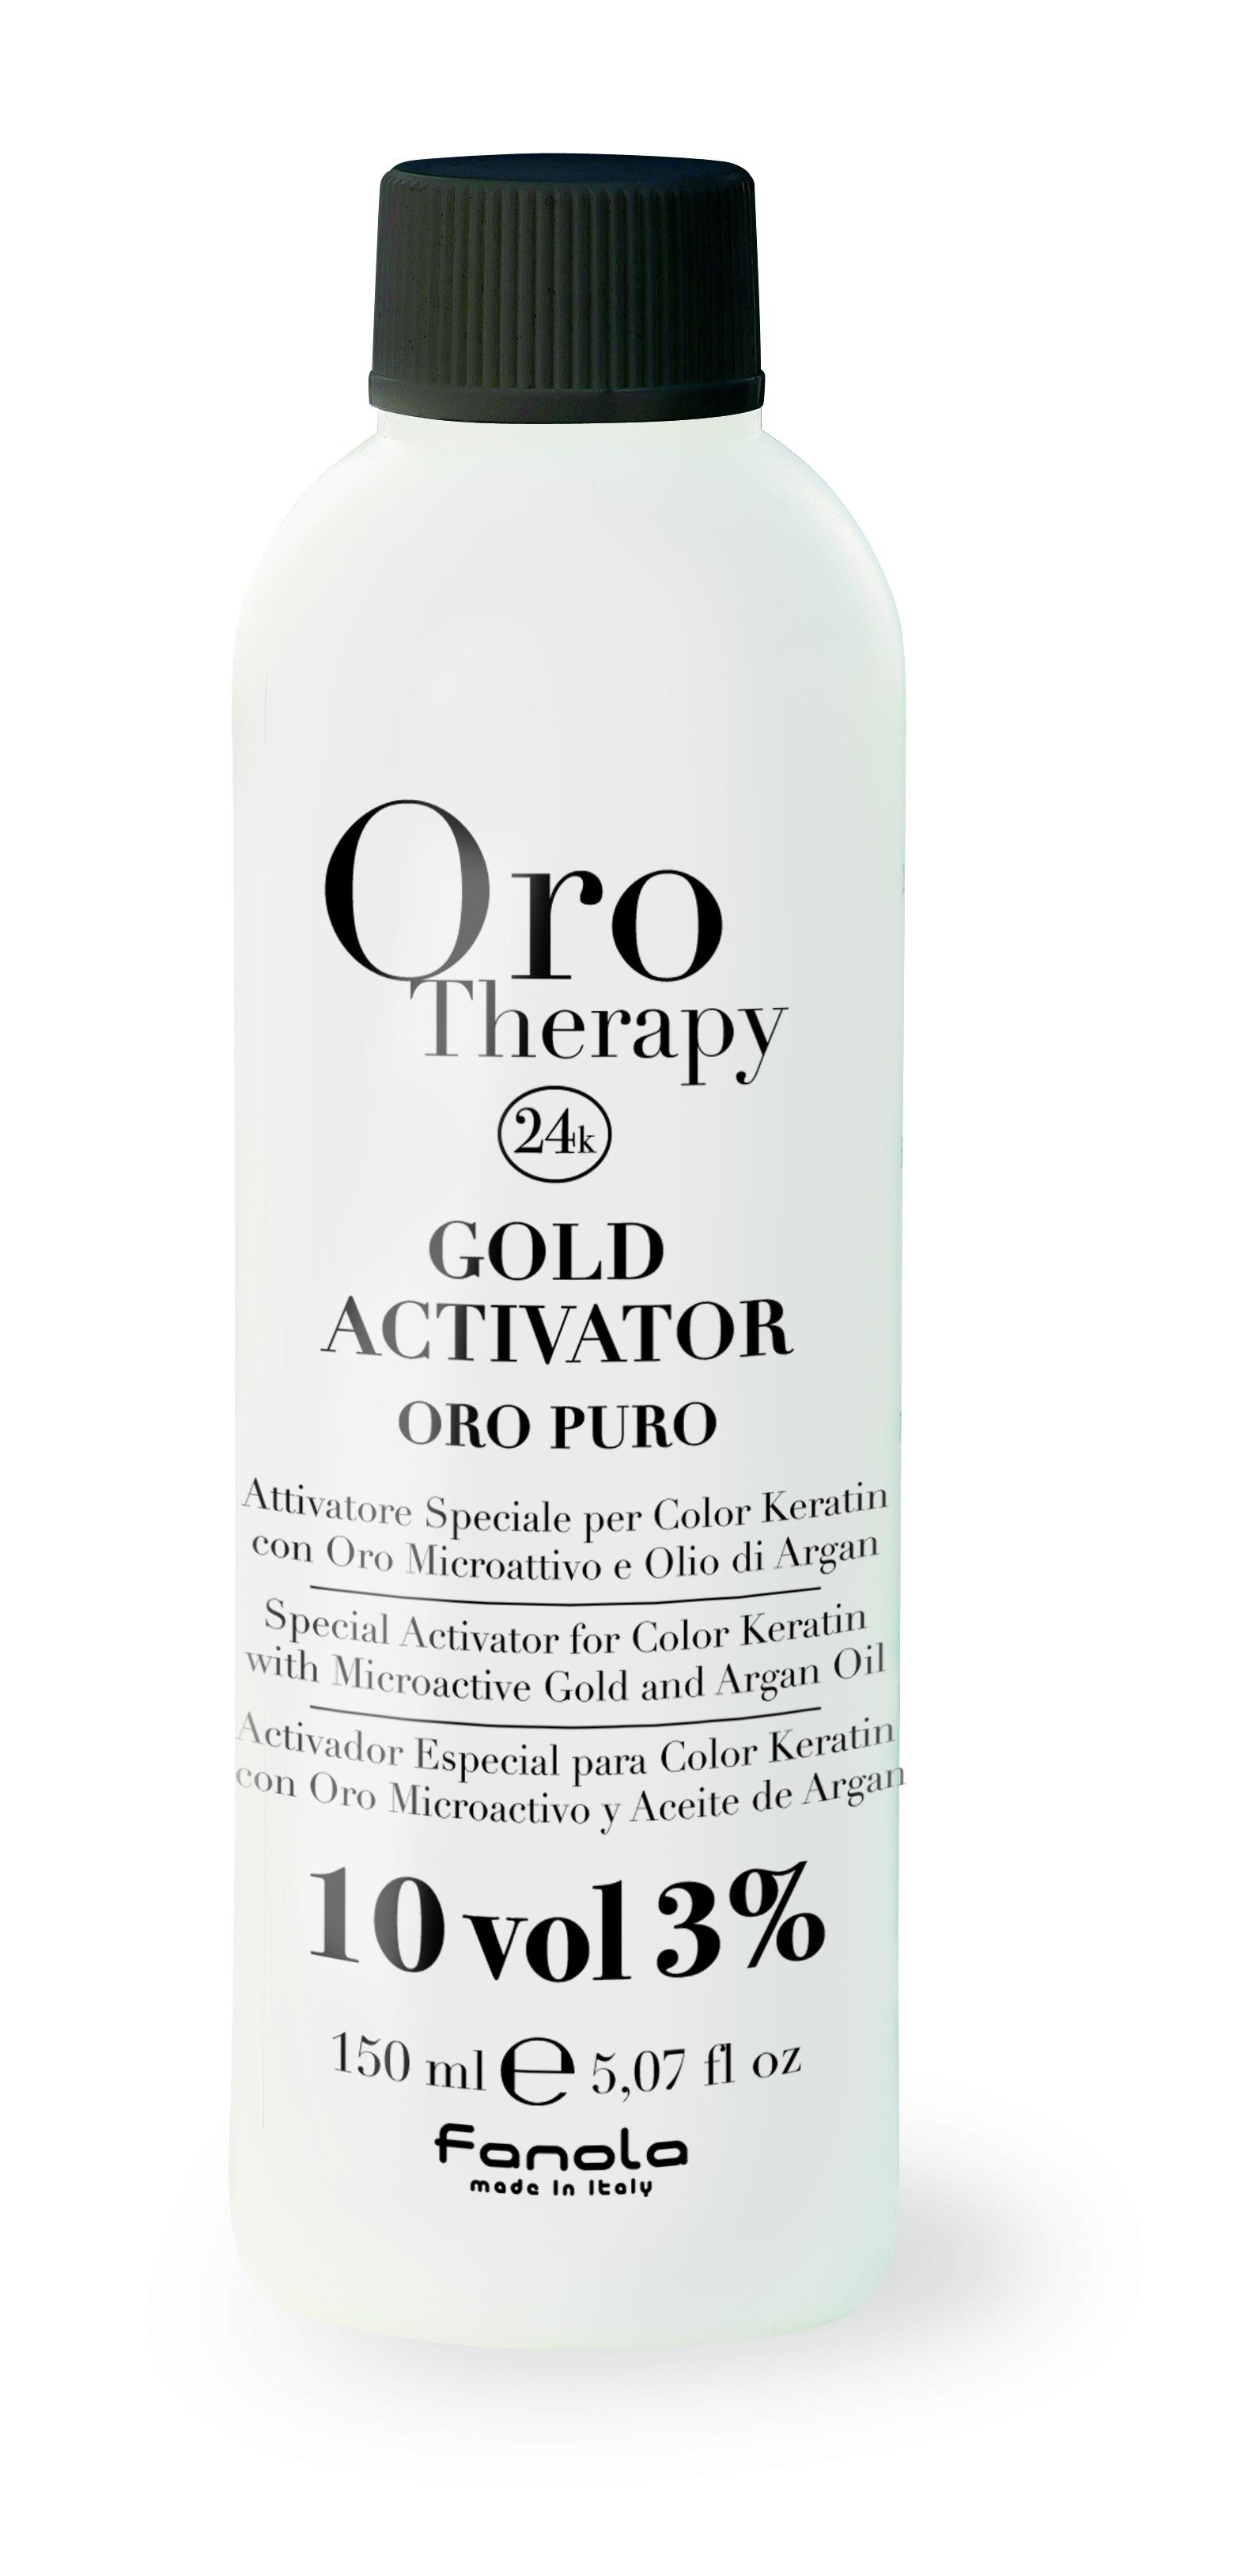 Fanola ORO PURO Therapy Gold Activator 150 ml